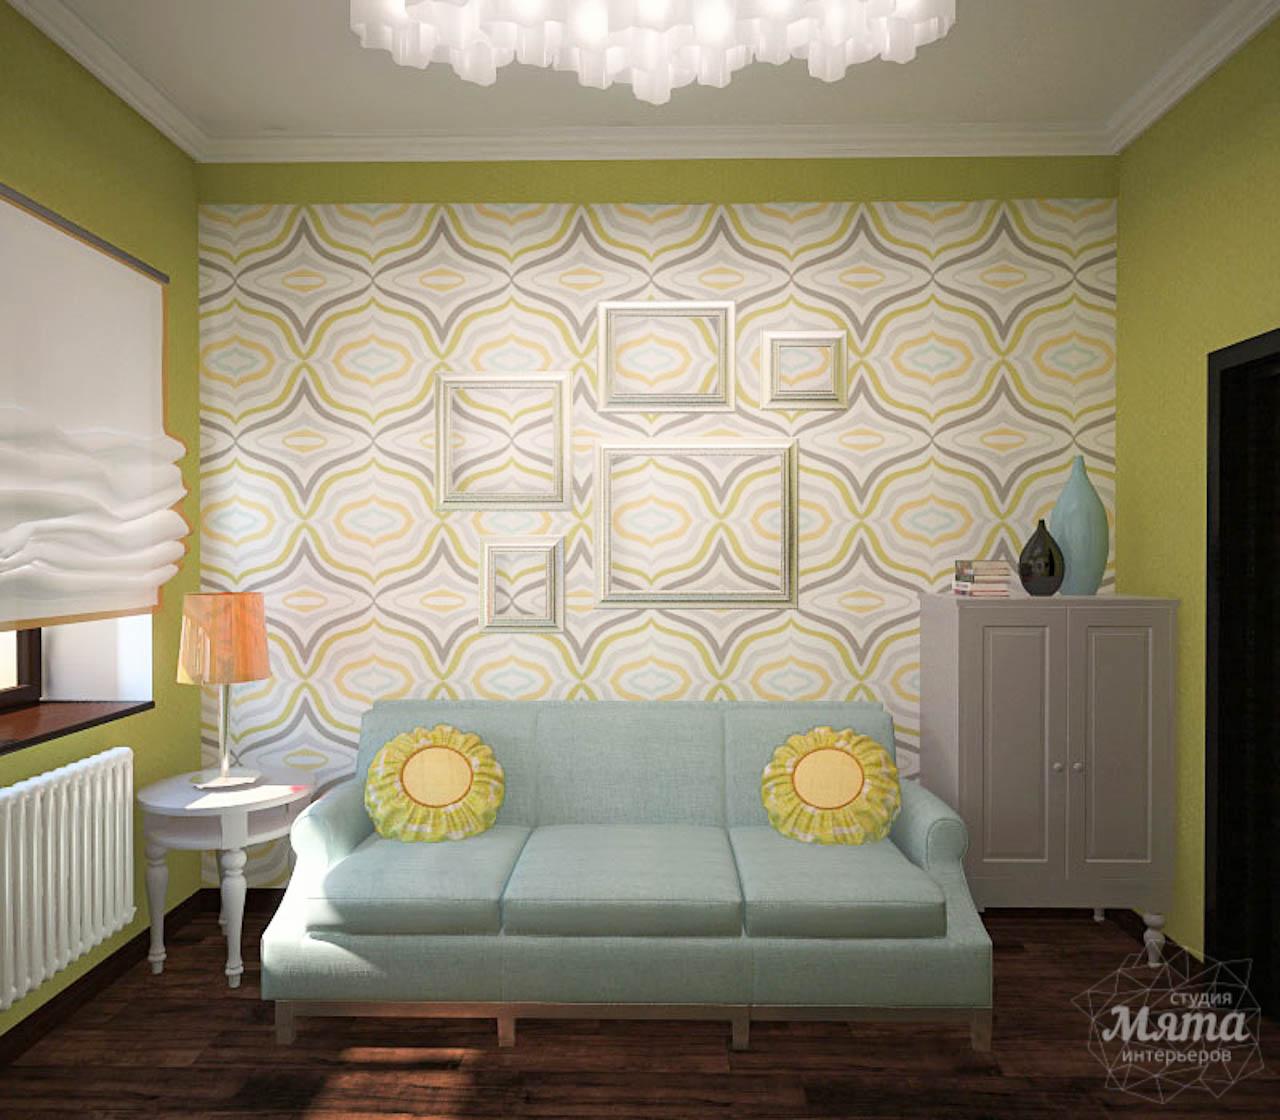 Дизайн интерьера коттеджа первого этажа по ул. Урожайная 17 img89419000